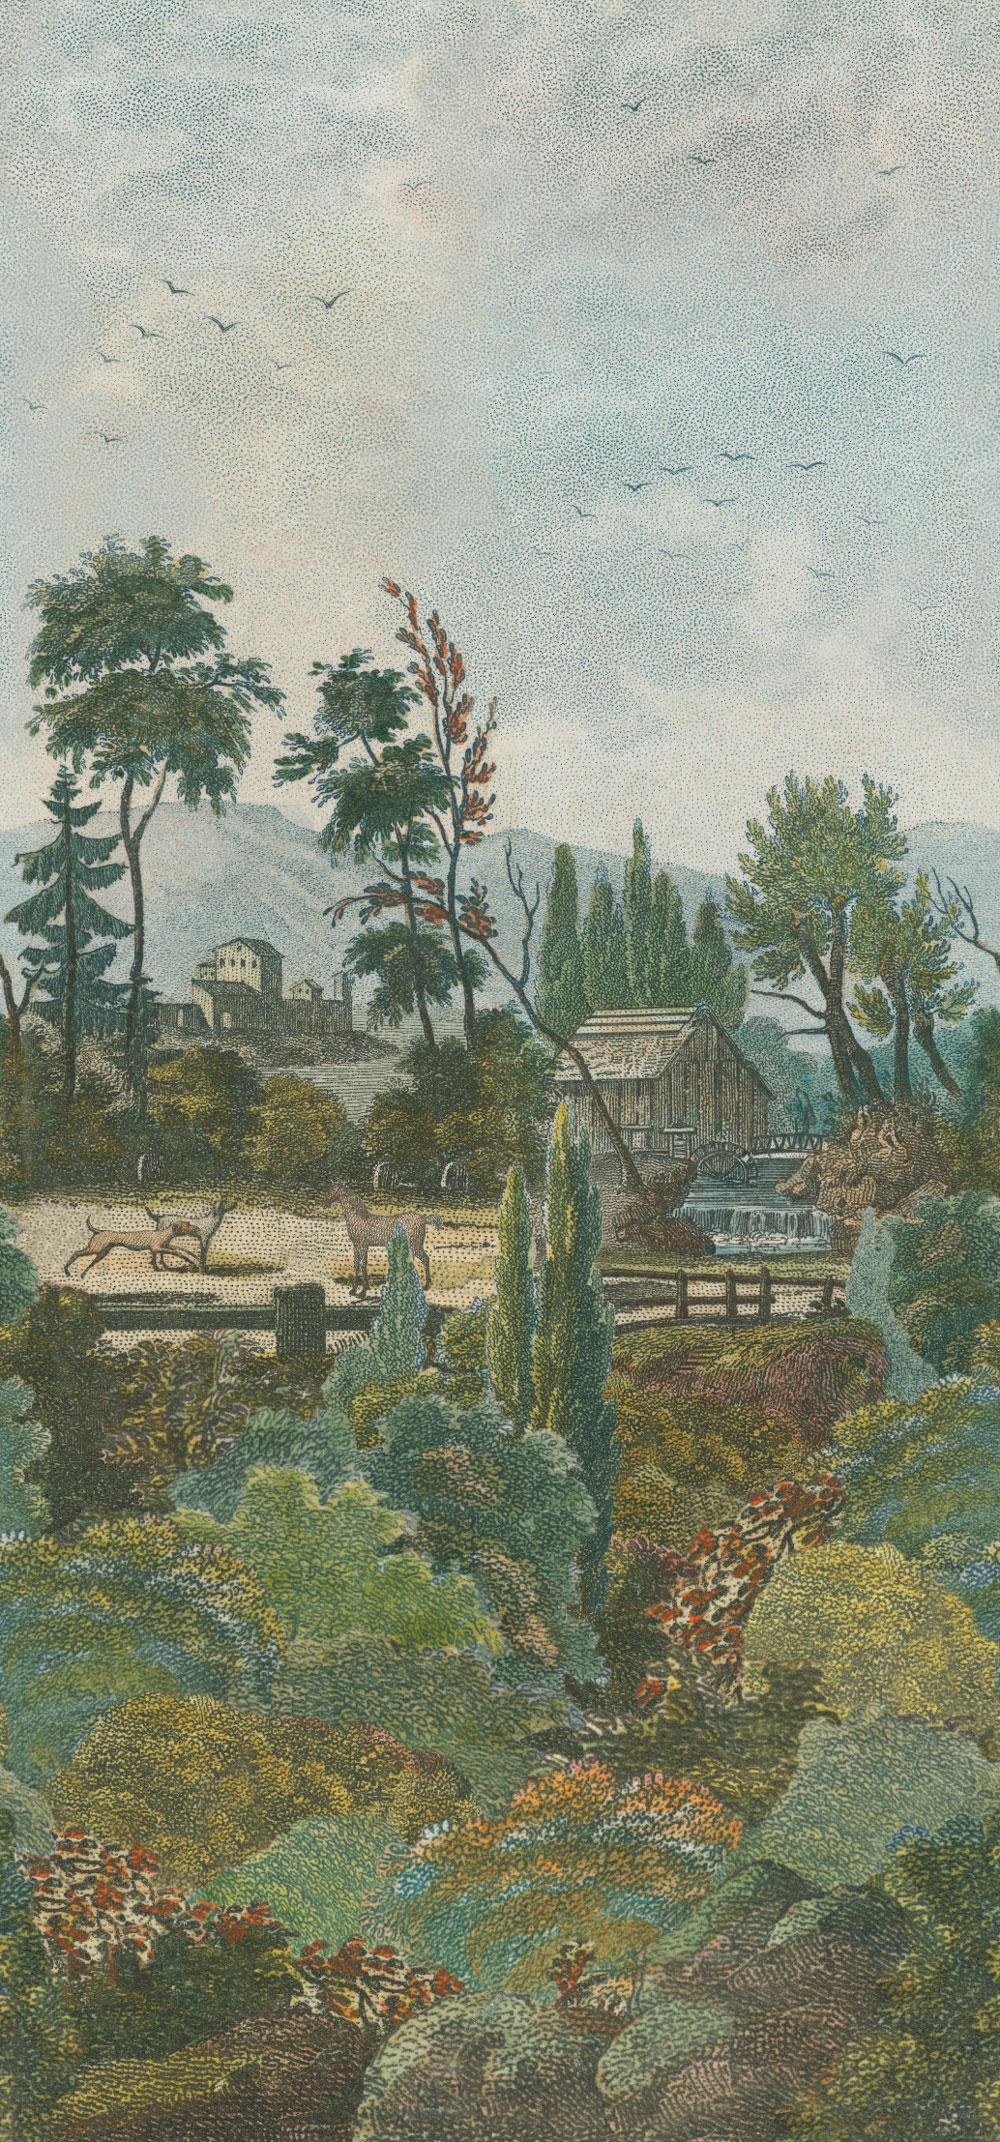 Pastoral Scene 1 Mural - Sky - by Designers Guild